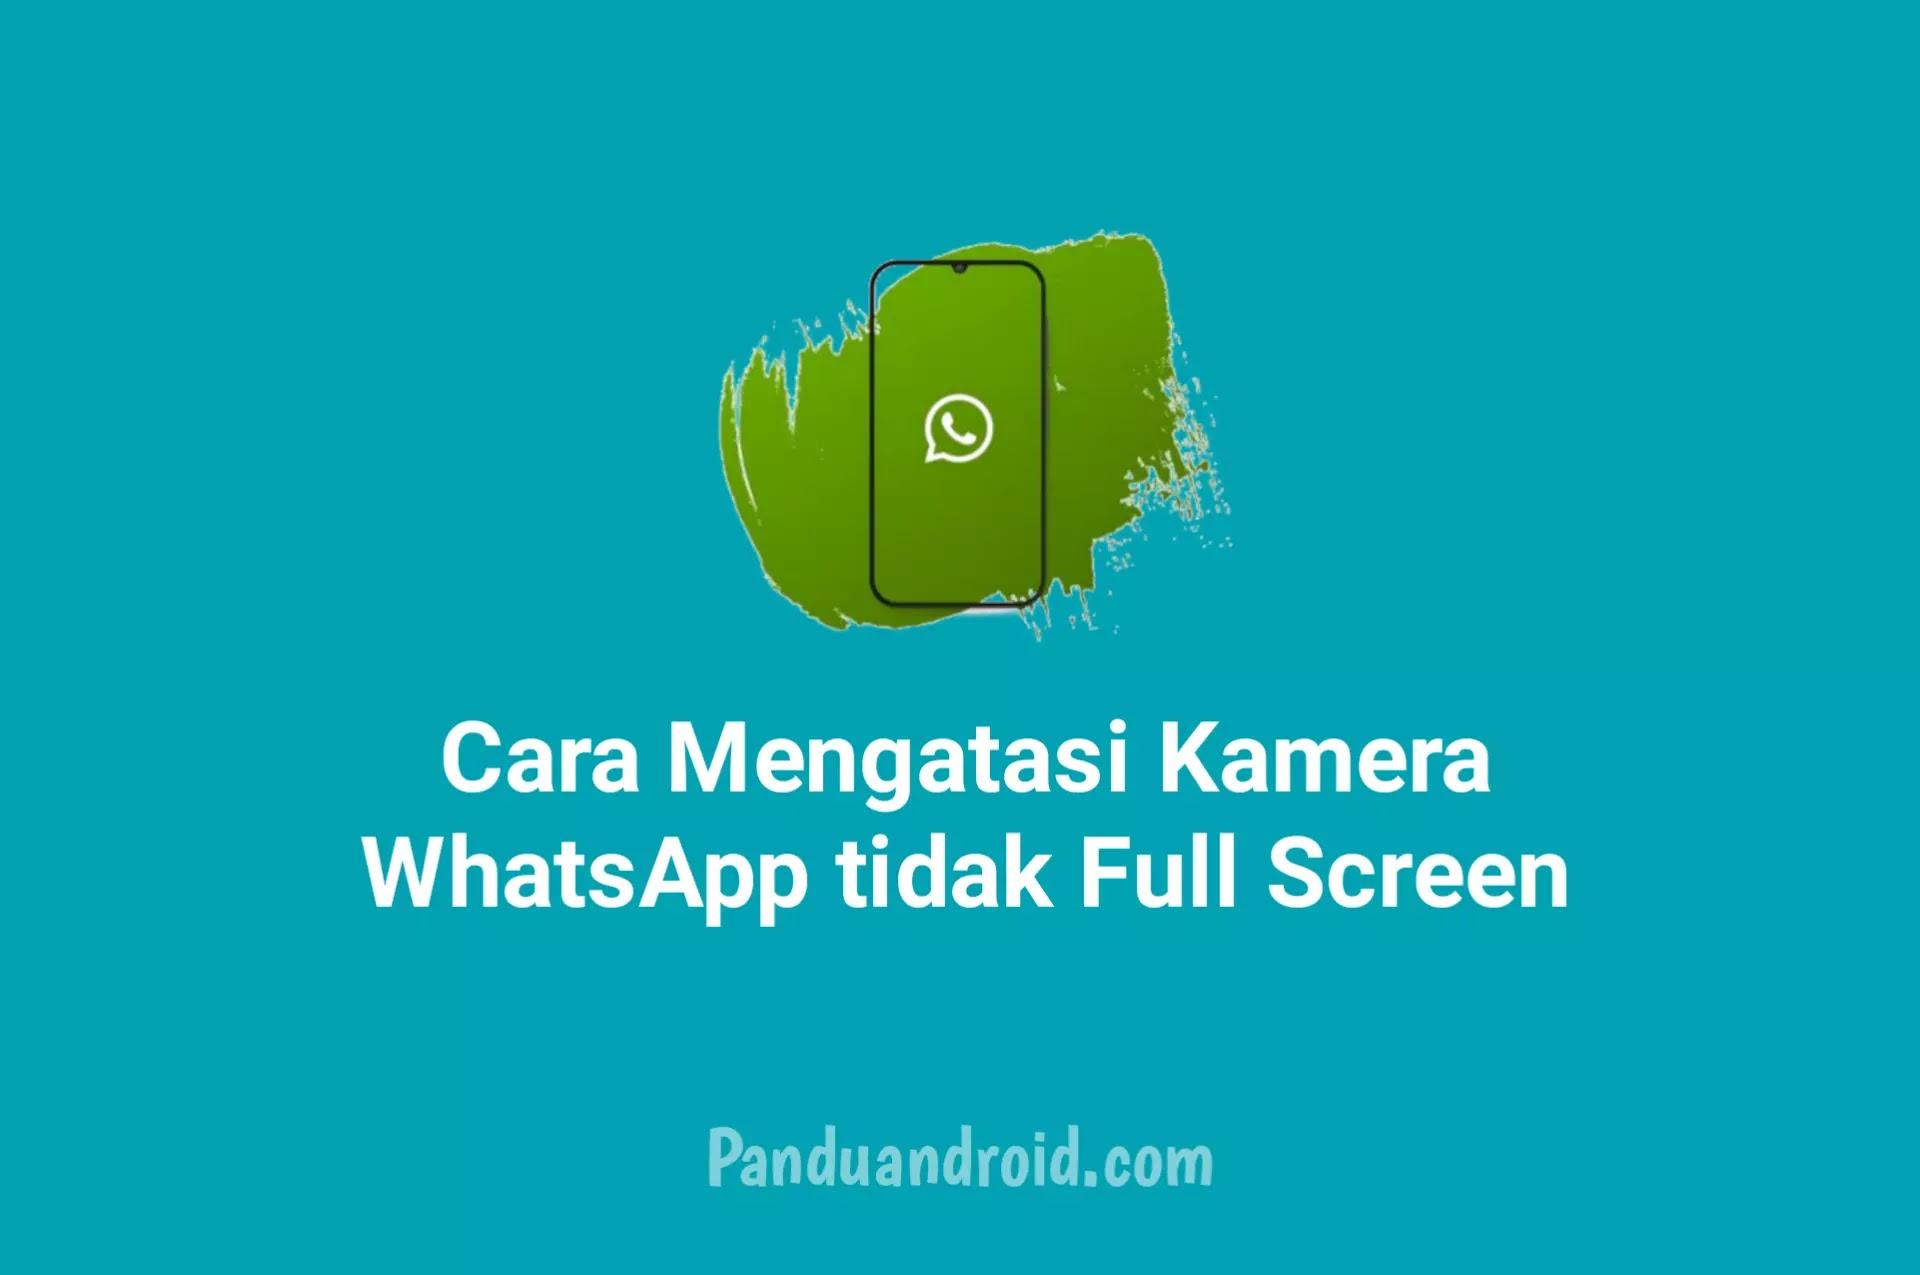 Solusi Mengatasi Permasalahan Kamera WhatsApp tidak Full Screen